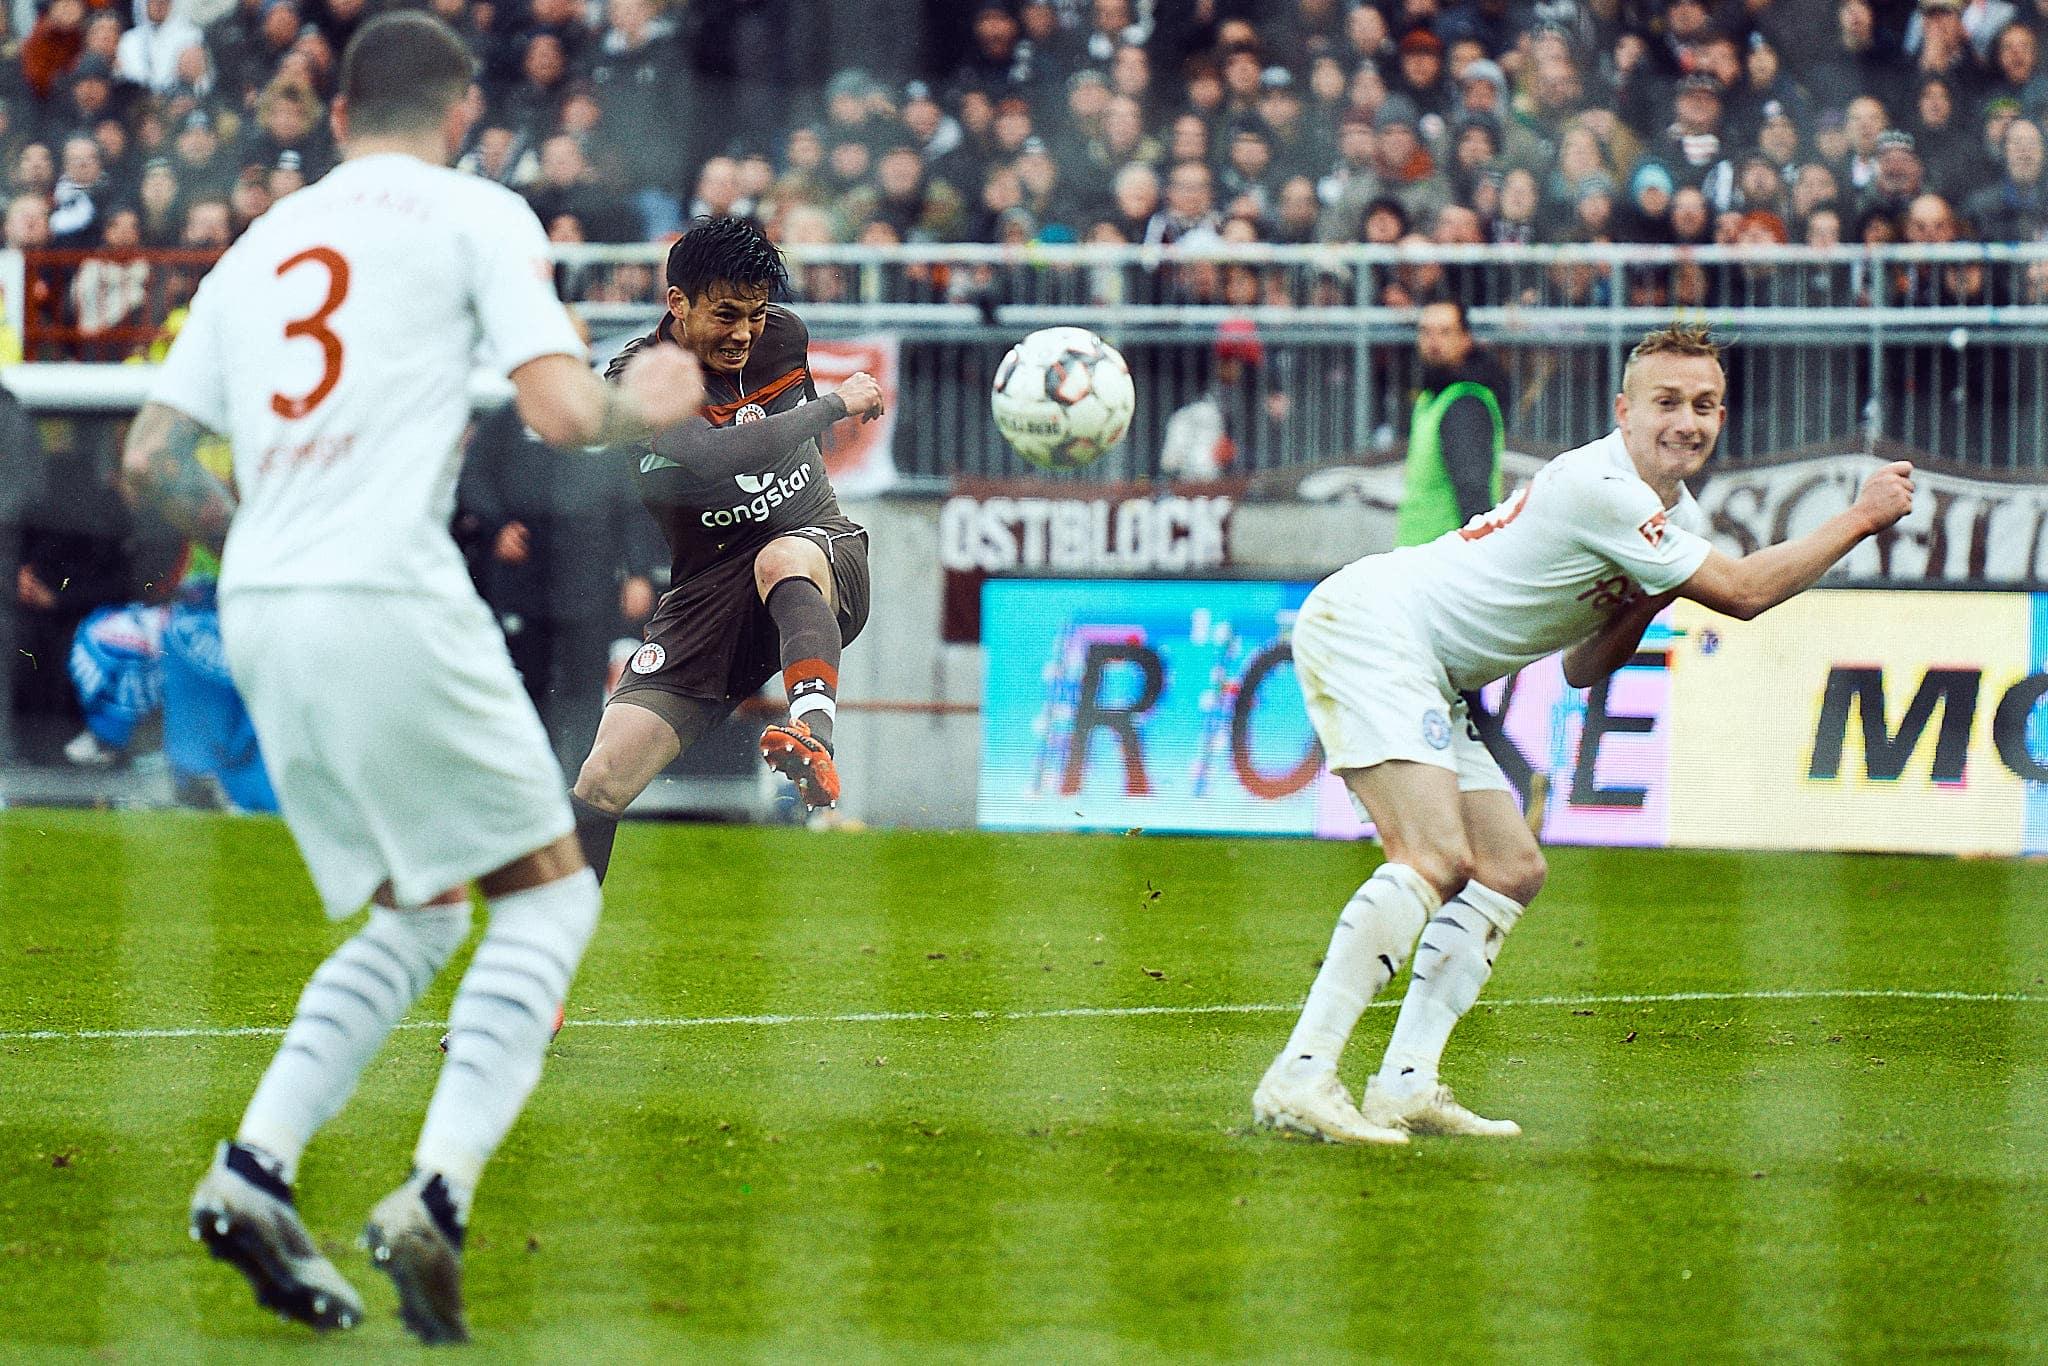 Vor dem Spiel – Holstein Kiel (H) – Spieltag 4 – Saison 2018/2019